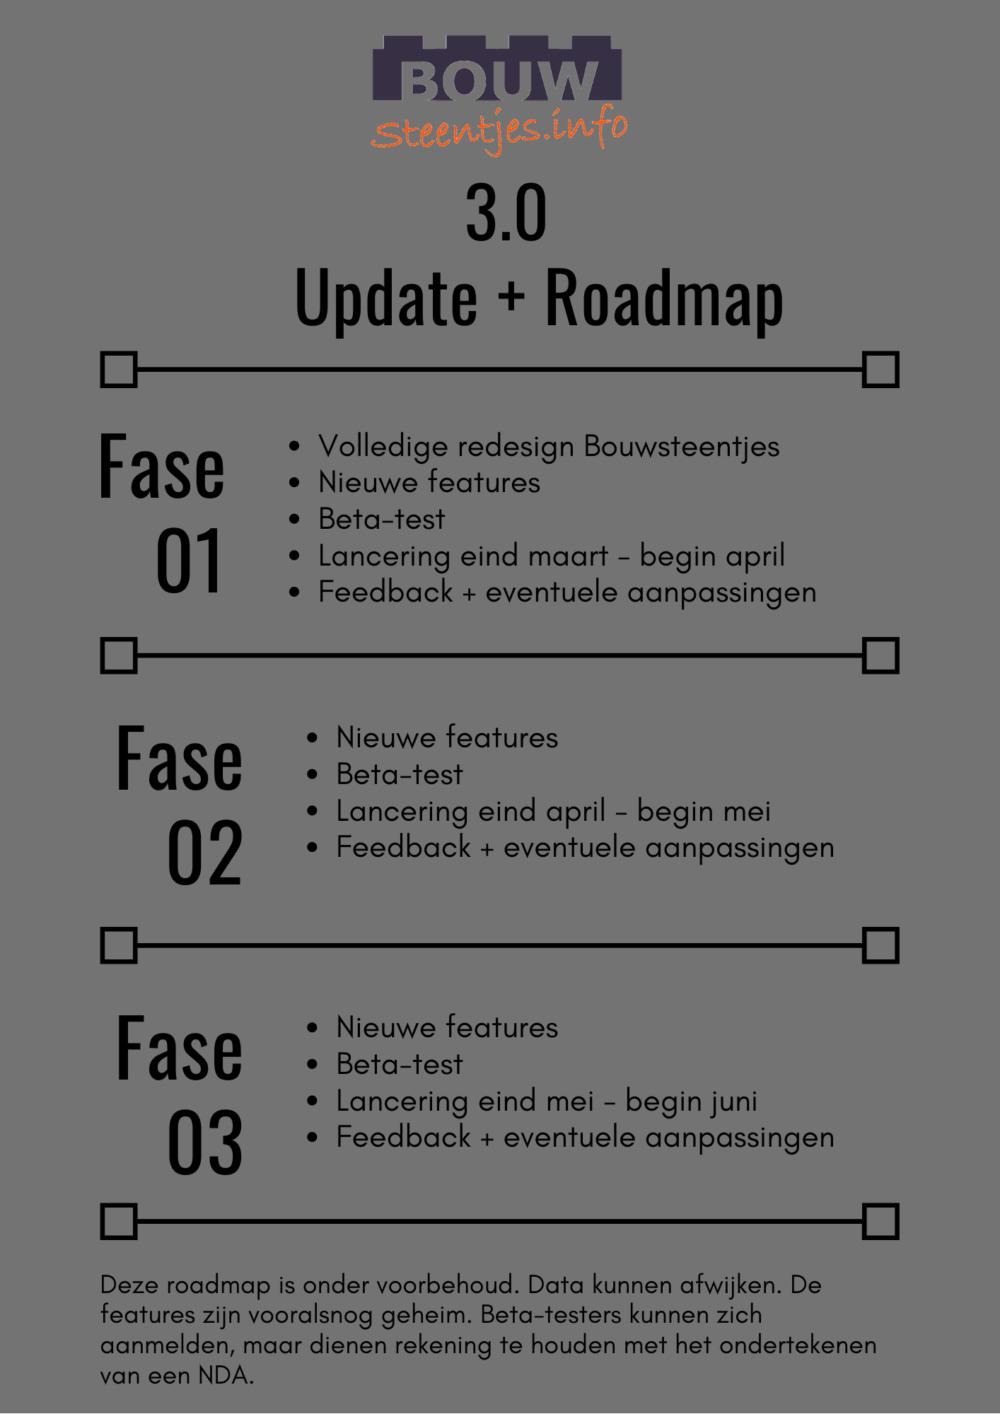 Bouwsteentjes update + roadmap